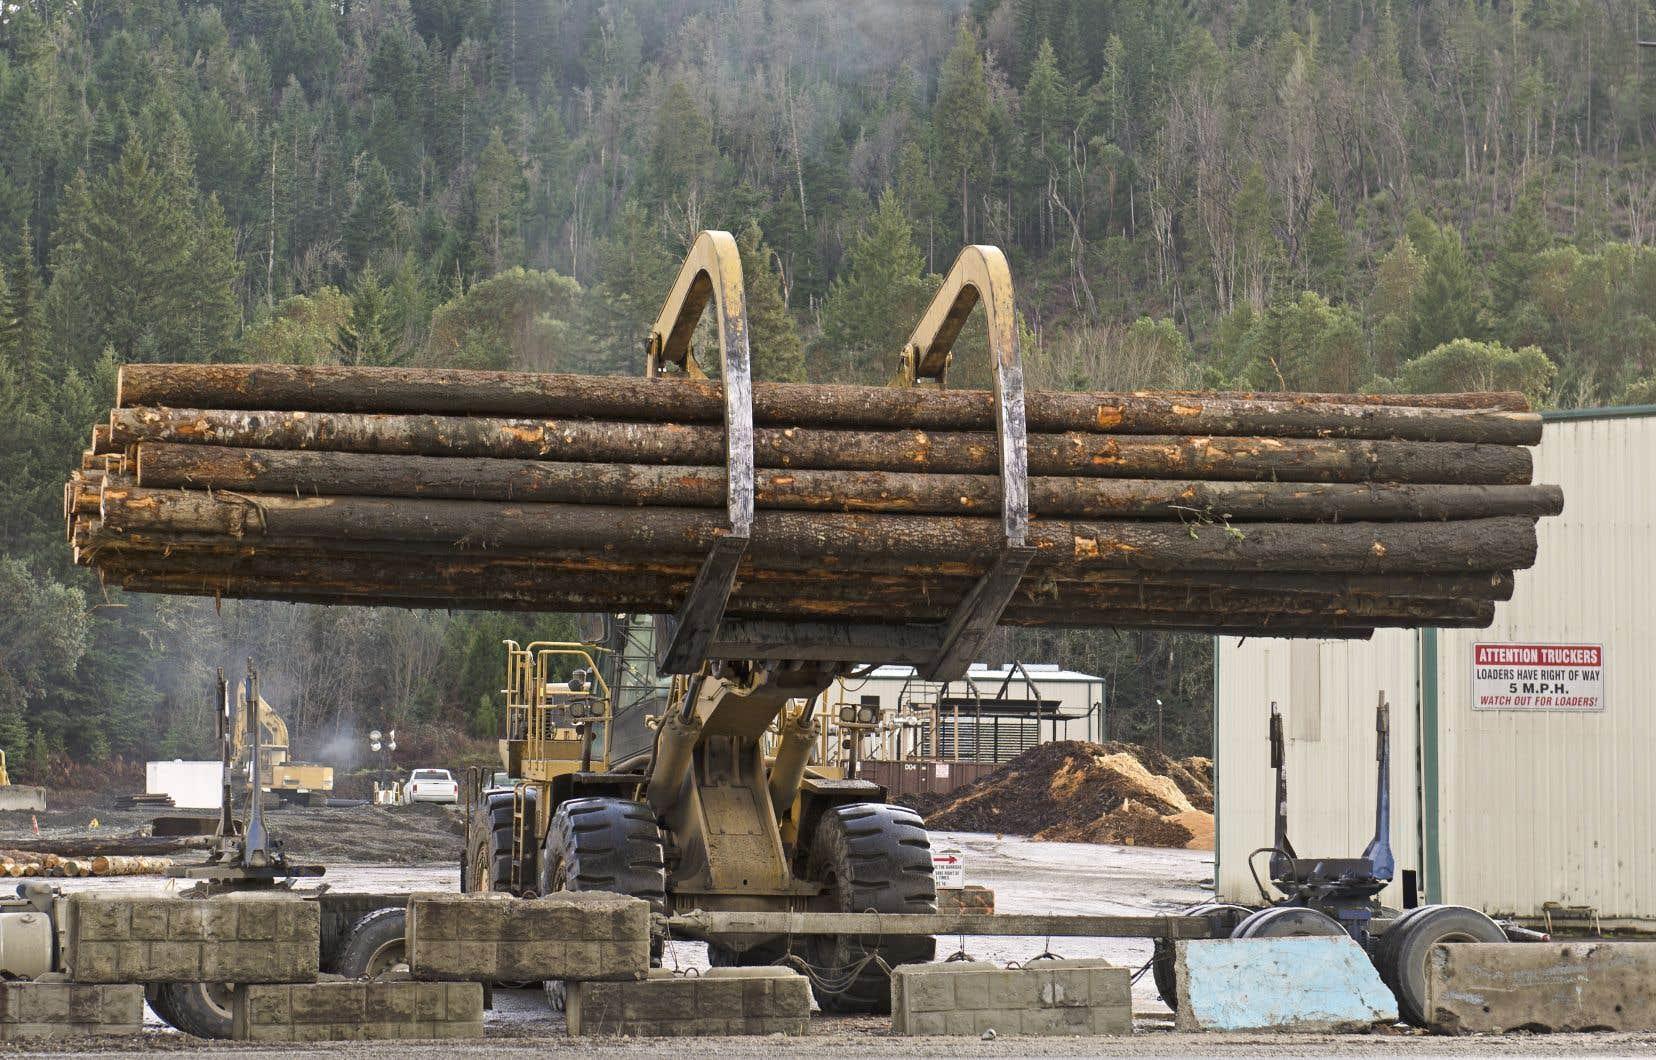 En juillet dernier, la Commission des valeurs mobilières de l'Ontario concluait que la forestière et plusieurs de ses hauts dirigeants avaient fraudé les investisseurs et trompé les enquêteurs.